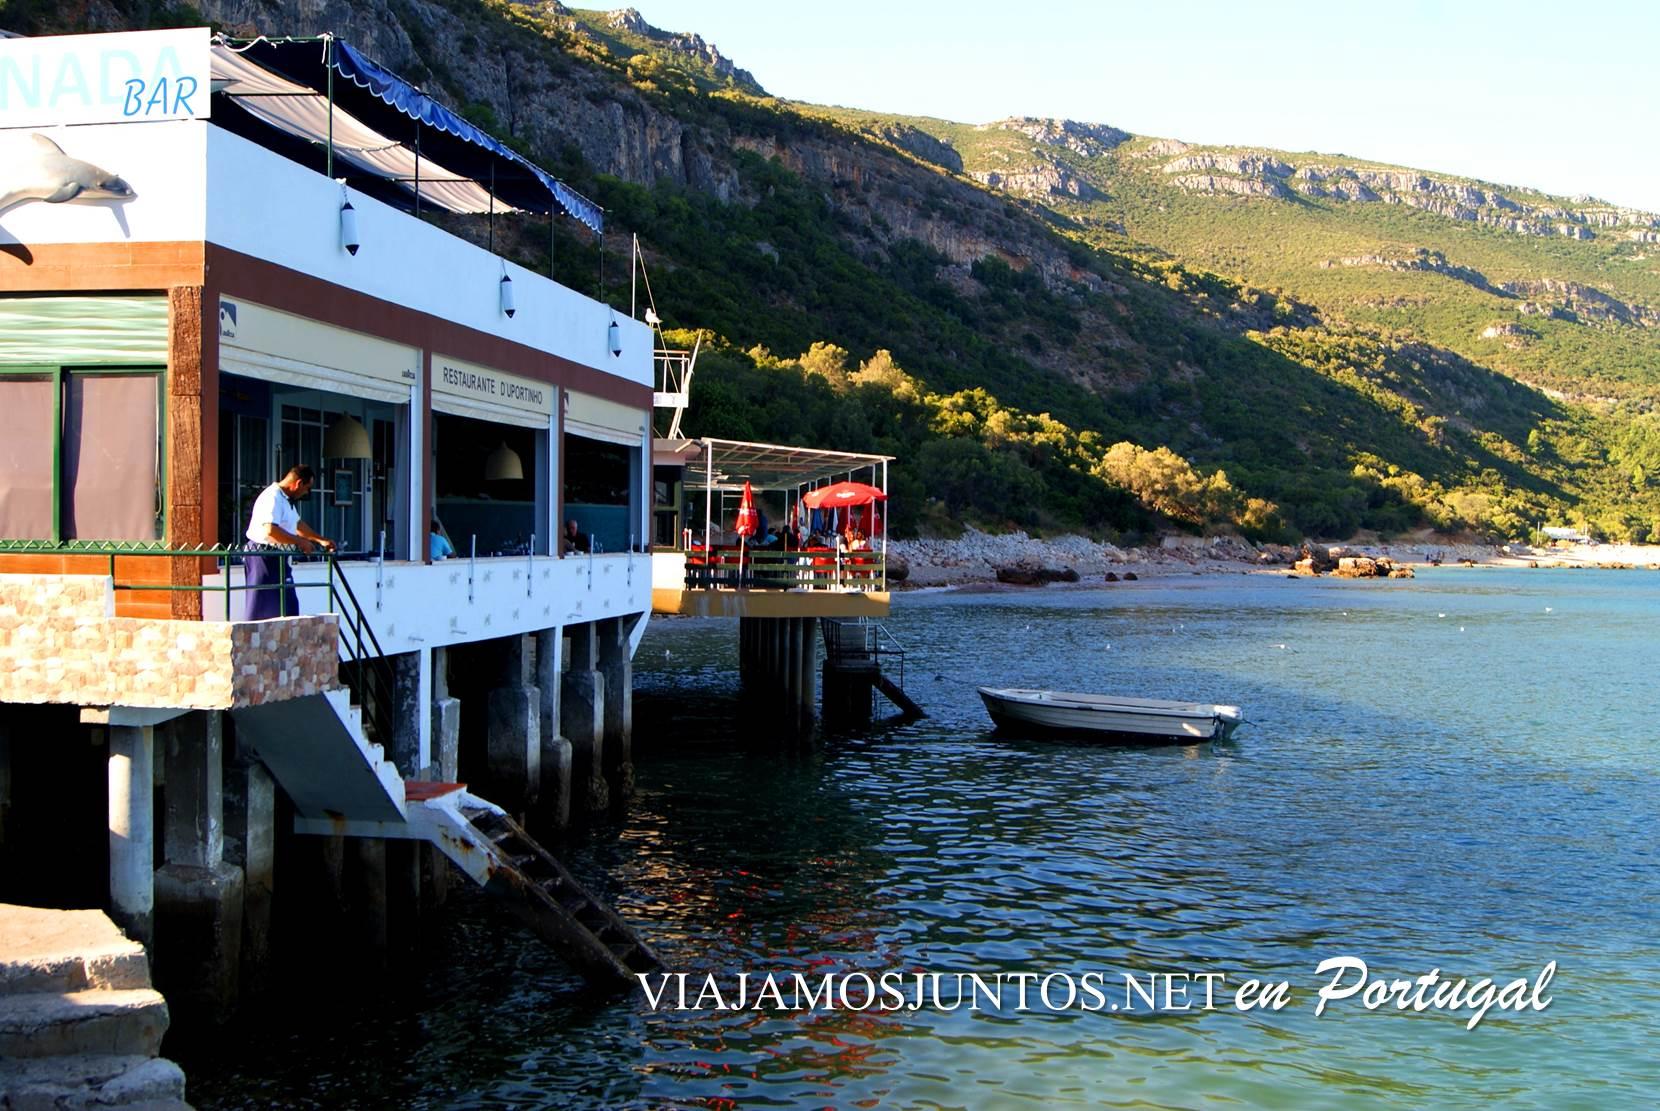 Restaurante de Portinho, península de Setúbal, Portugal